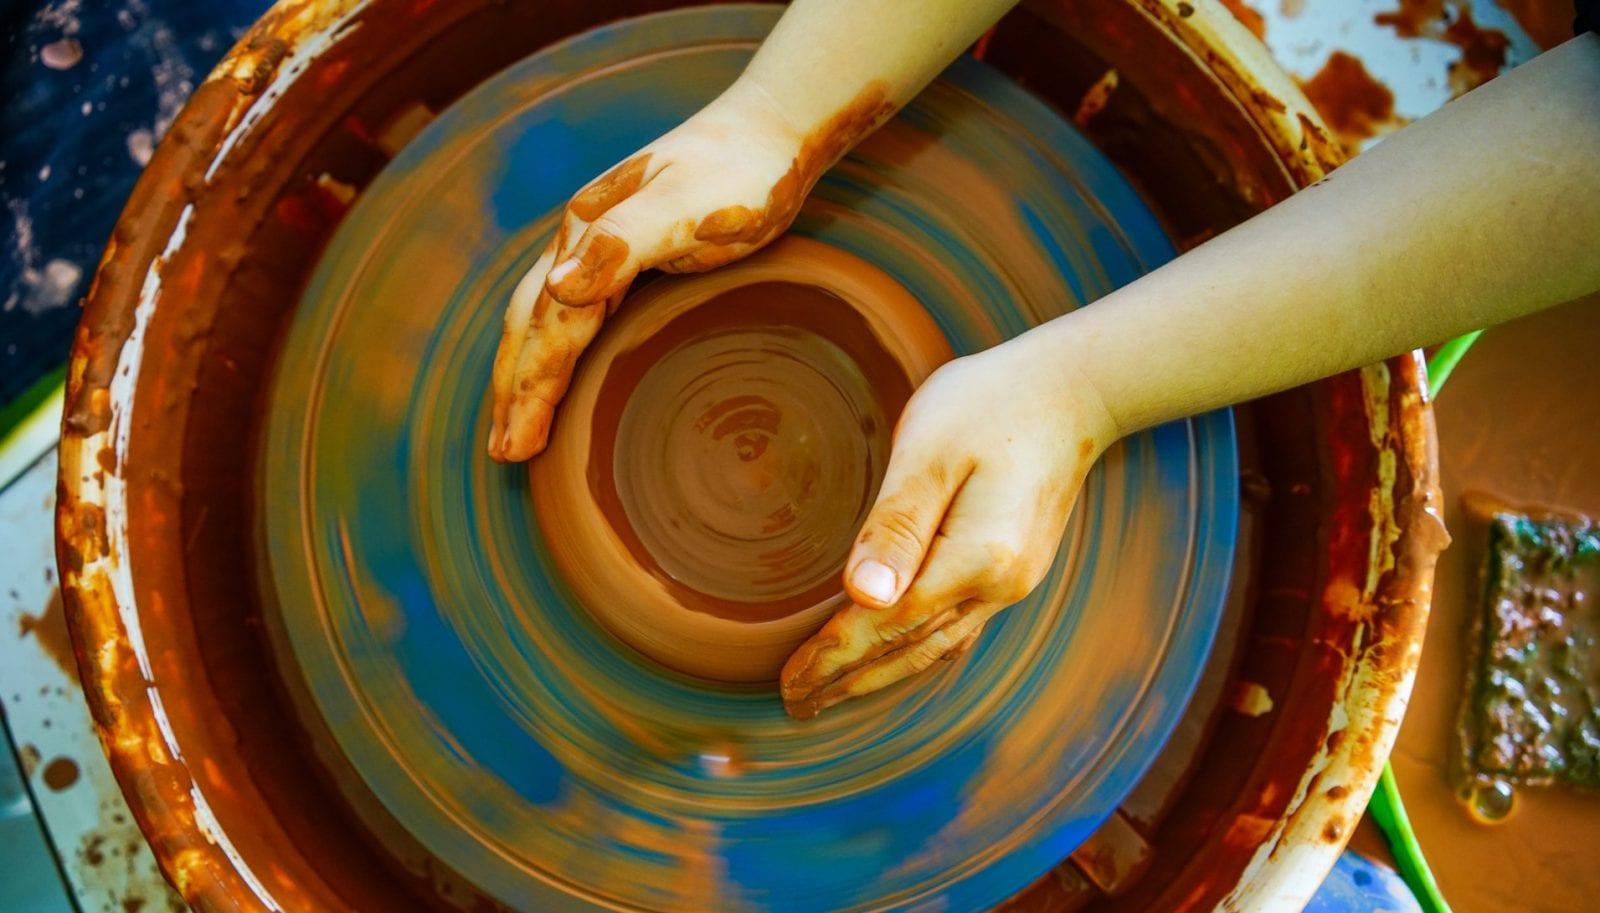 A pottery art